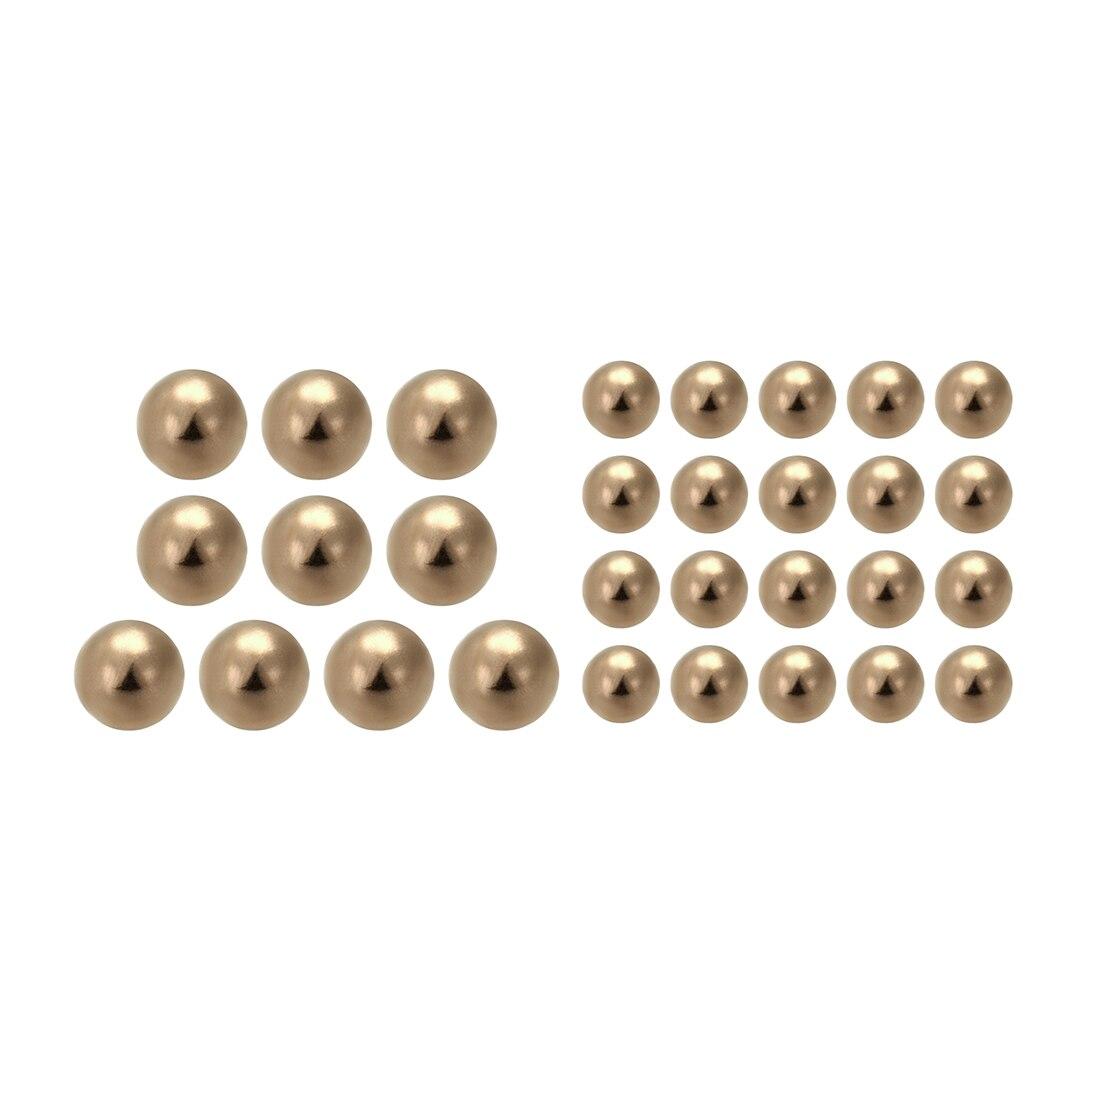 Bolas de cojinete de latón macizo de precisión métrica uxcell 5-100 Uds 2,8mm 6mm 6,8mm 8mm 12mm 15mm para bicicletas, cerraduras de puerta de ruedas